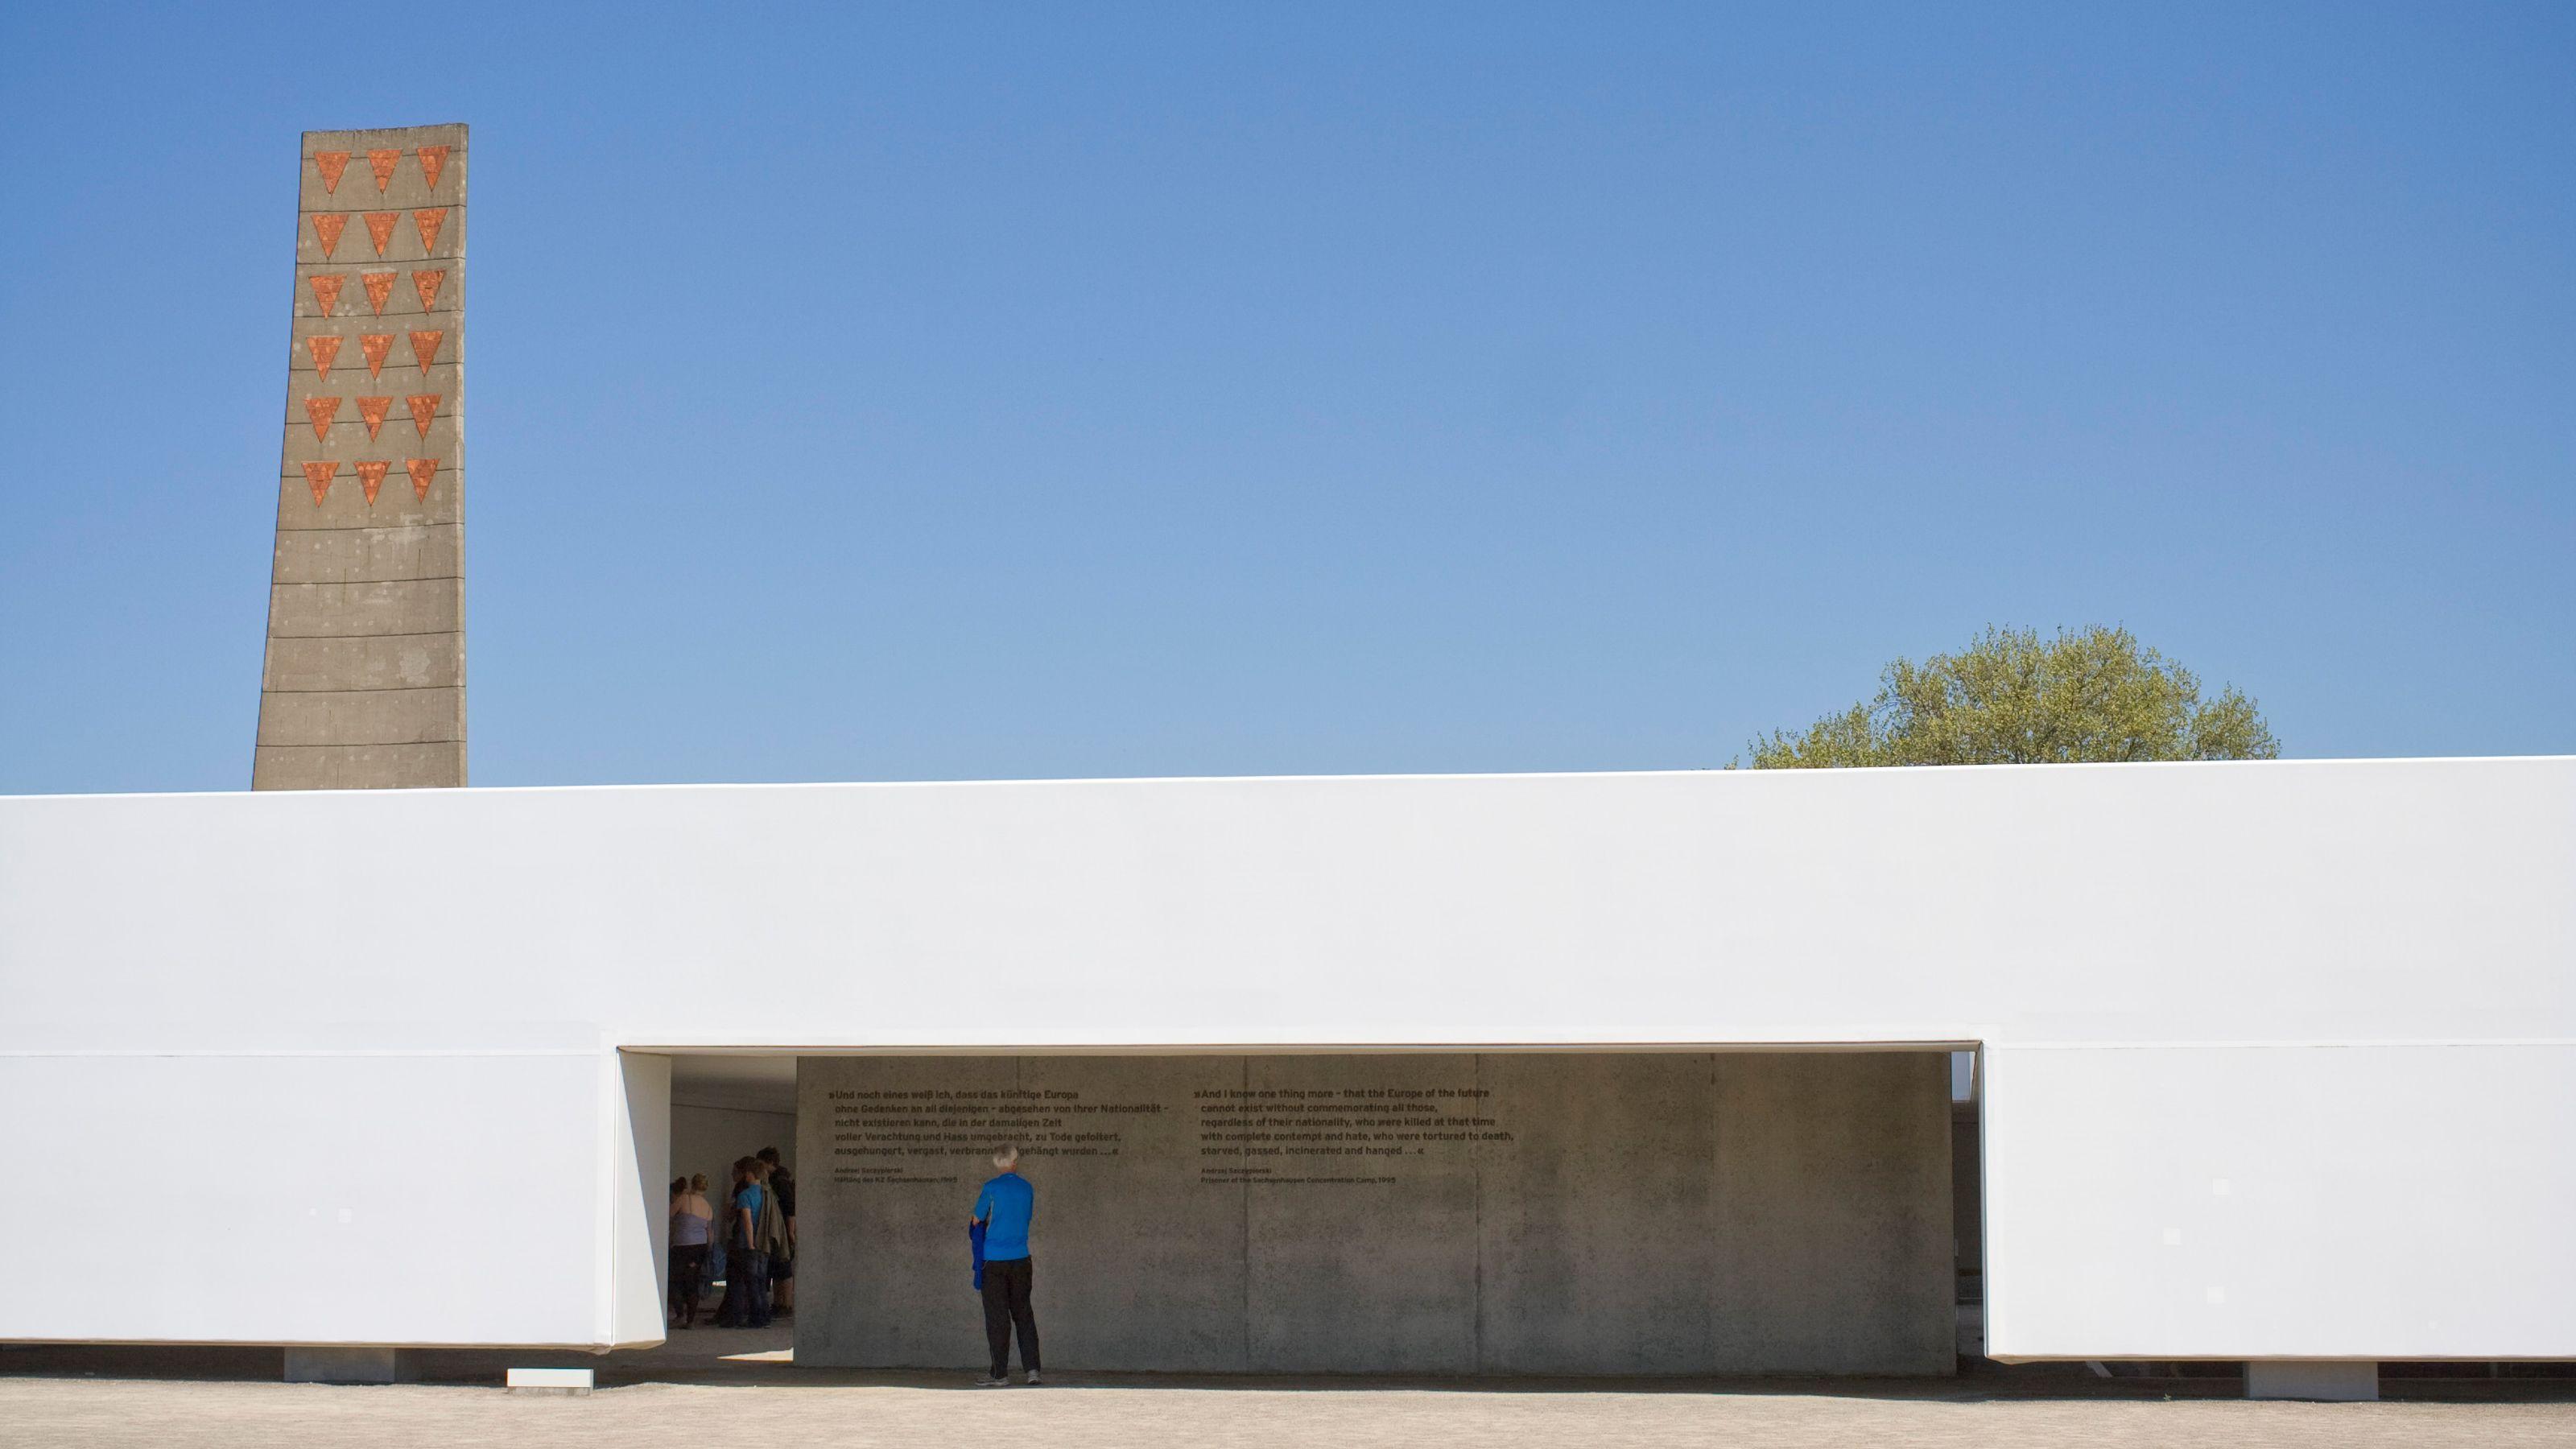 Tour di 1 giorno al Memoriale di Sachsenhausen